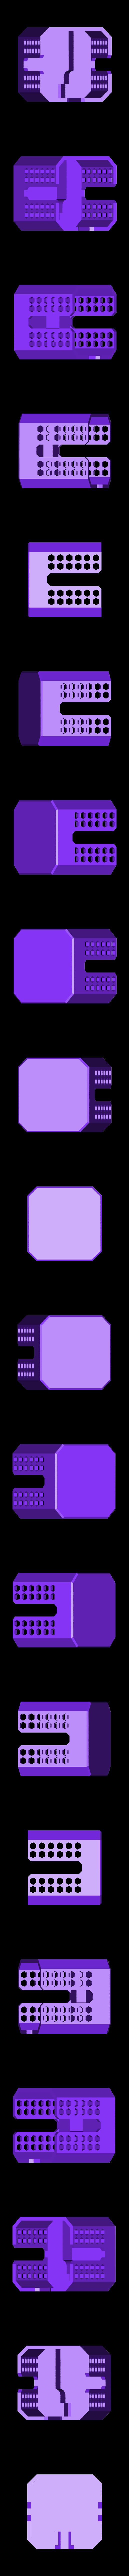 Prusa_Mini_Z-Axis_USB_Right-Left_Vented.stl Télécharger fichier STL gratuit Prusa Mini USB Extension Z-Axis Mod • Plan à imprimer en 3D, RT3DWorkshop